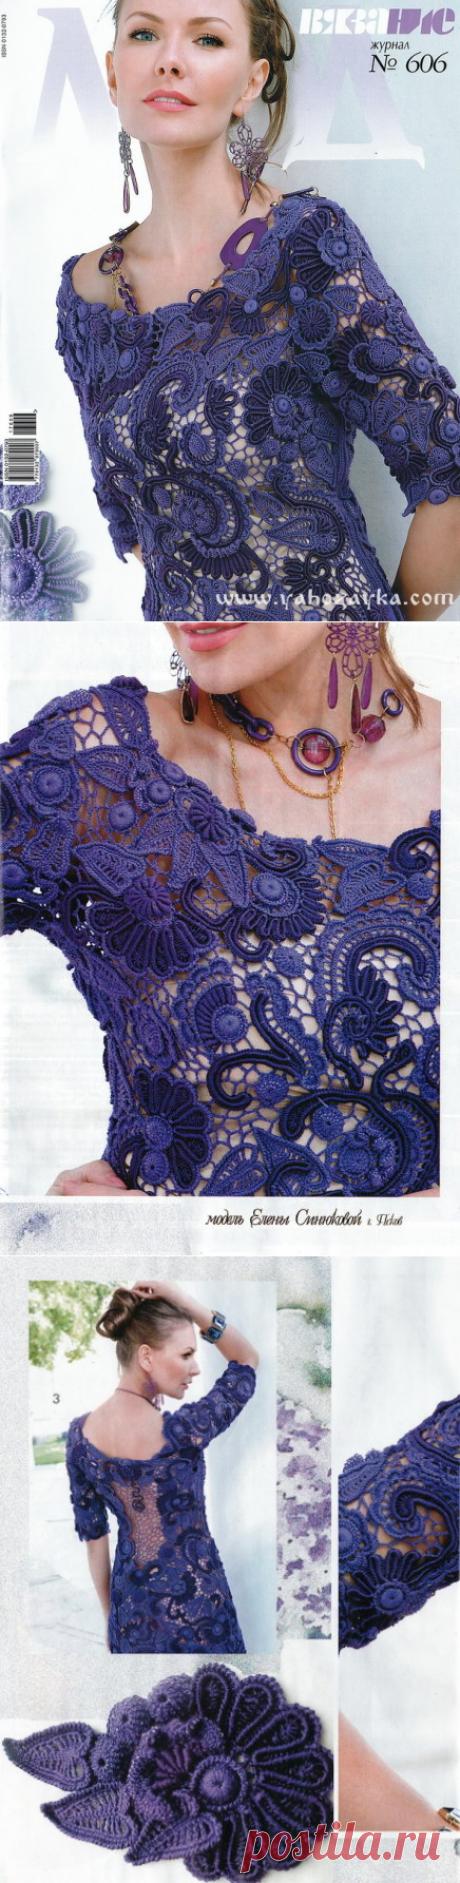 Вечернее платье крючком в технике гипюрного кружева. Кружевное платье крючком с описанием | Я Хозяйка